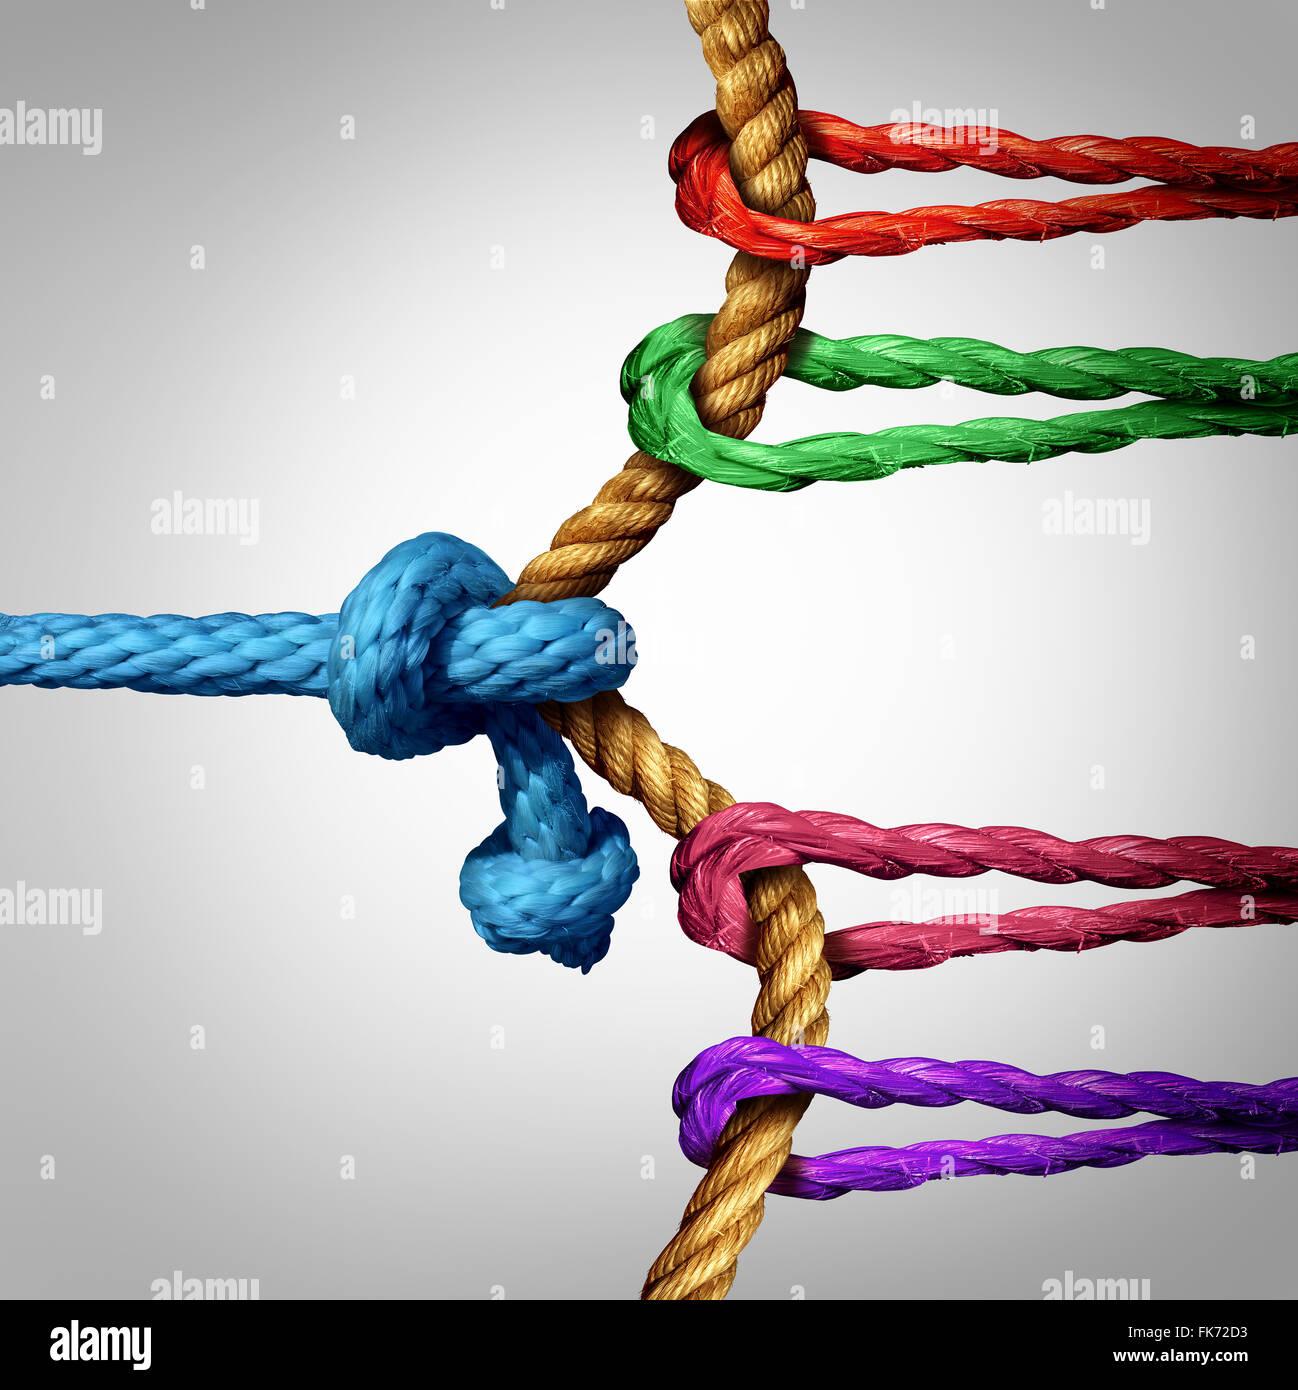 Kampf um Erfolg Tauziehen gegen eine große Gruppe von Konkurrenten als ein Team von Seilen arbeiten und ziehen Stockbild